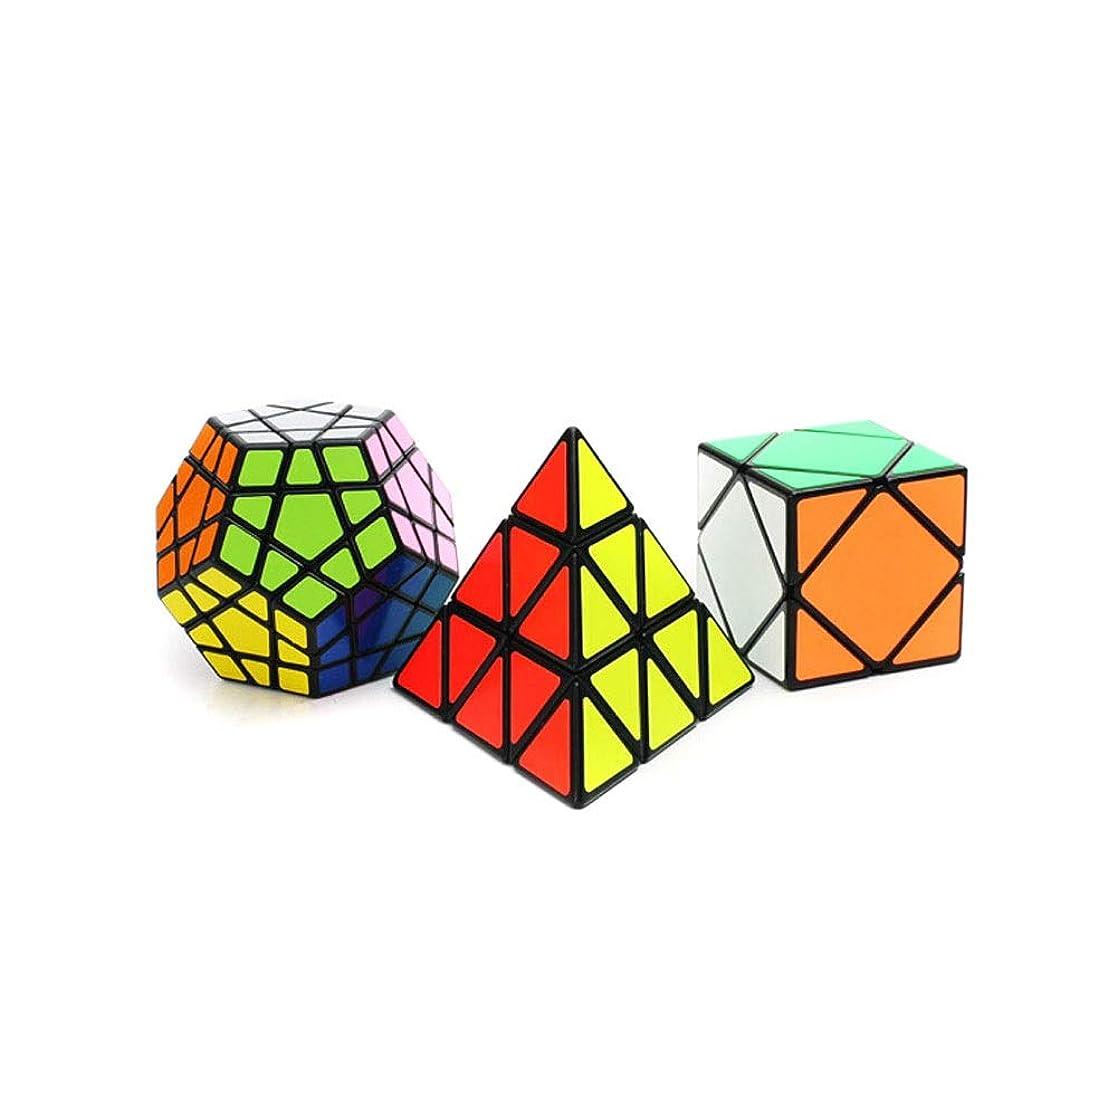 ホイットニー一致するペースAishanghuayi なめらかな多角形の立方体を使ったルービックキューブ、贈り物、安全で環境にやさしいデザインスタイル、丈夫な(3枚) 丈夫 (Edition : Three-piece suit)